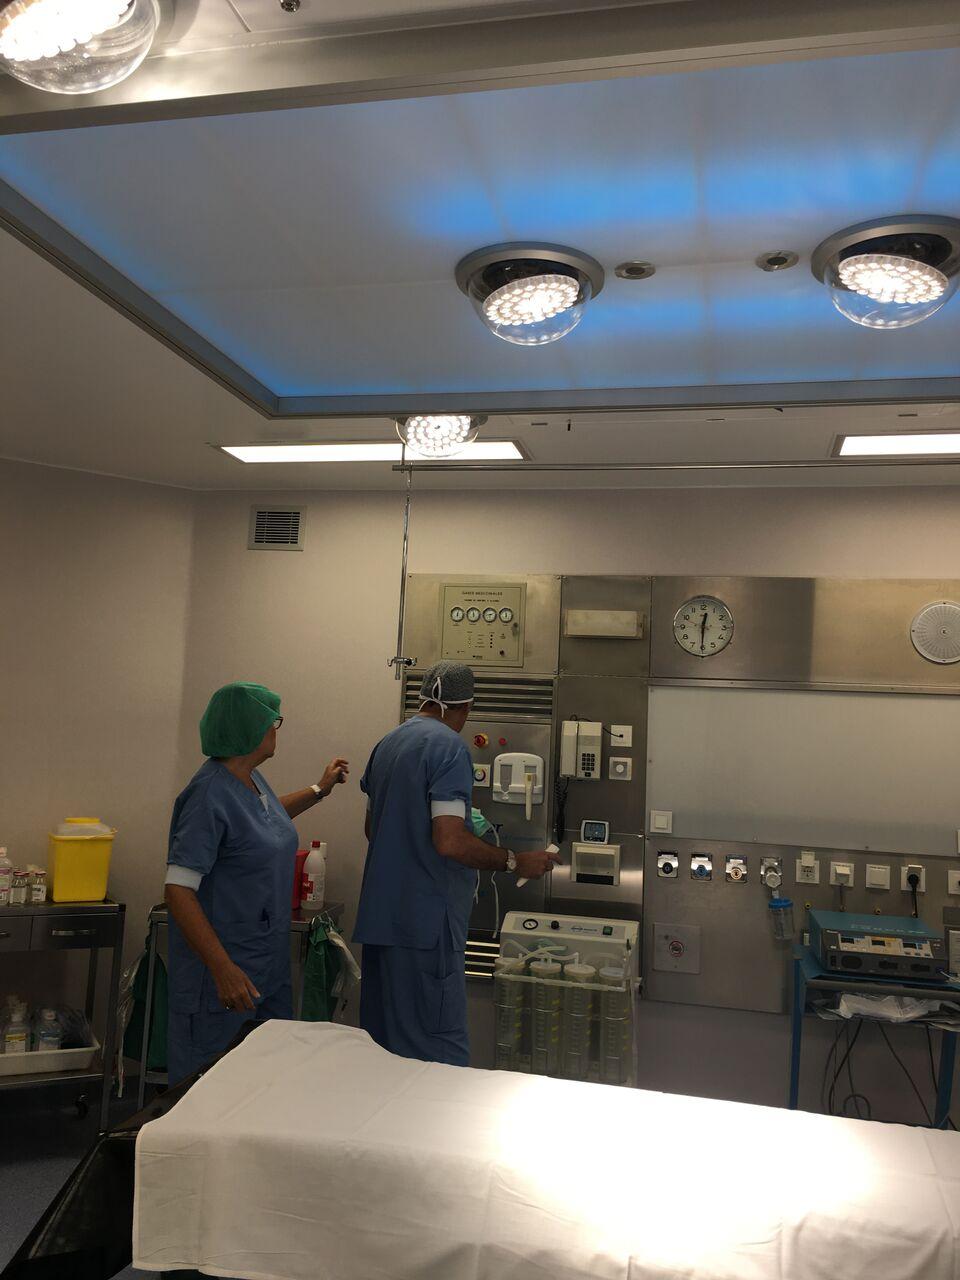 Un quiròfan de la Mútua de Granollers ja equipa un dels equips d'il·luminació que s'ha dissenyat sota el nou sistema